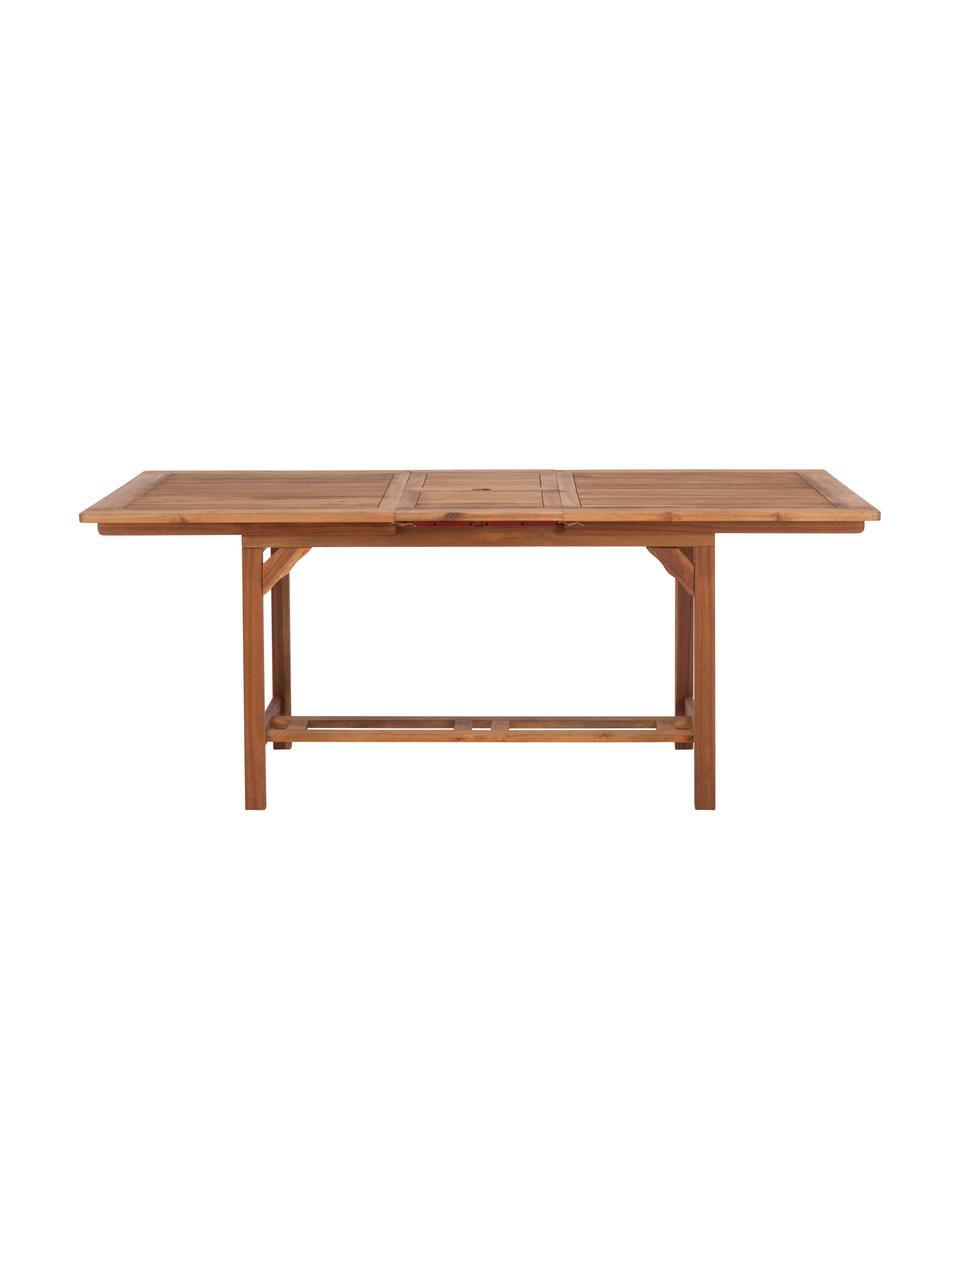 Ausziehbarer Gartentisch Somerset aus Holz, Akazienholz, geölt, Akazienholz, 150 x 75 cm